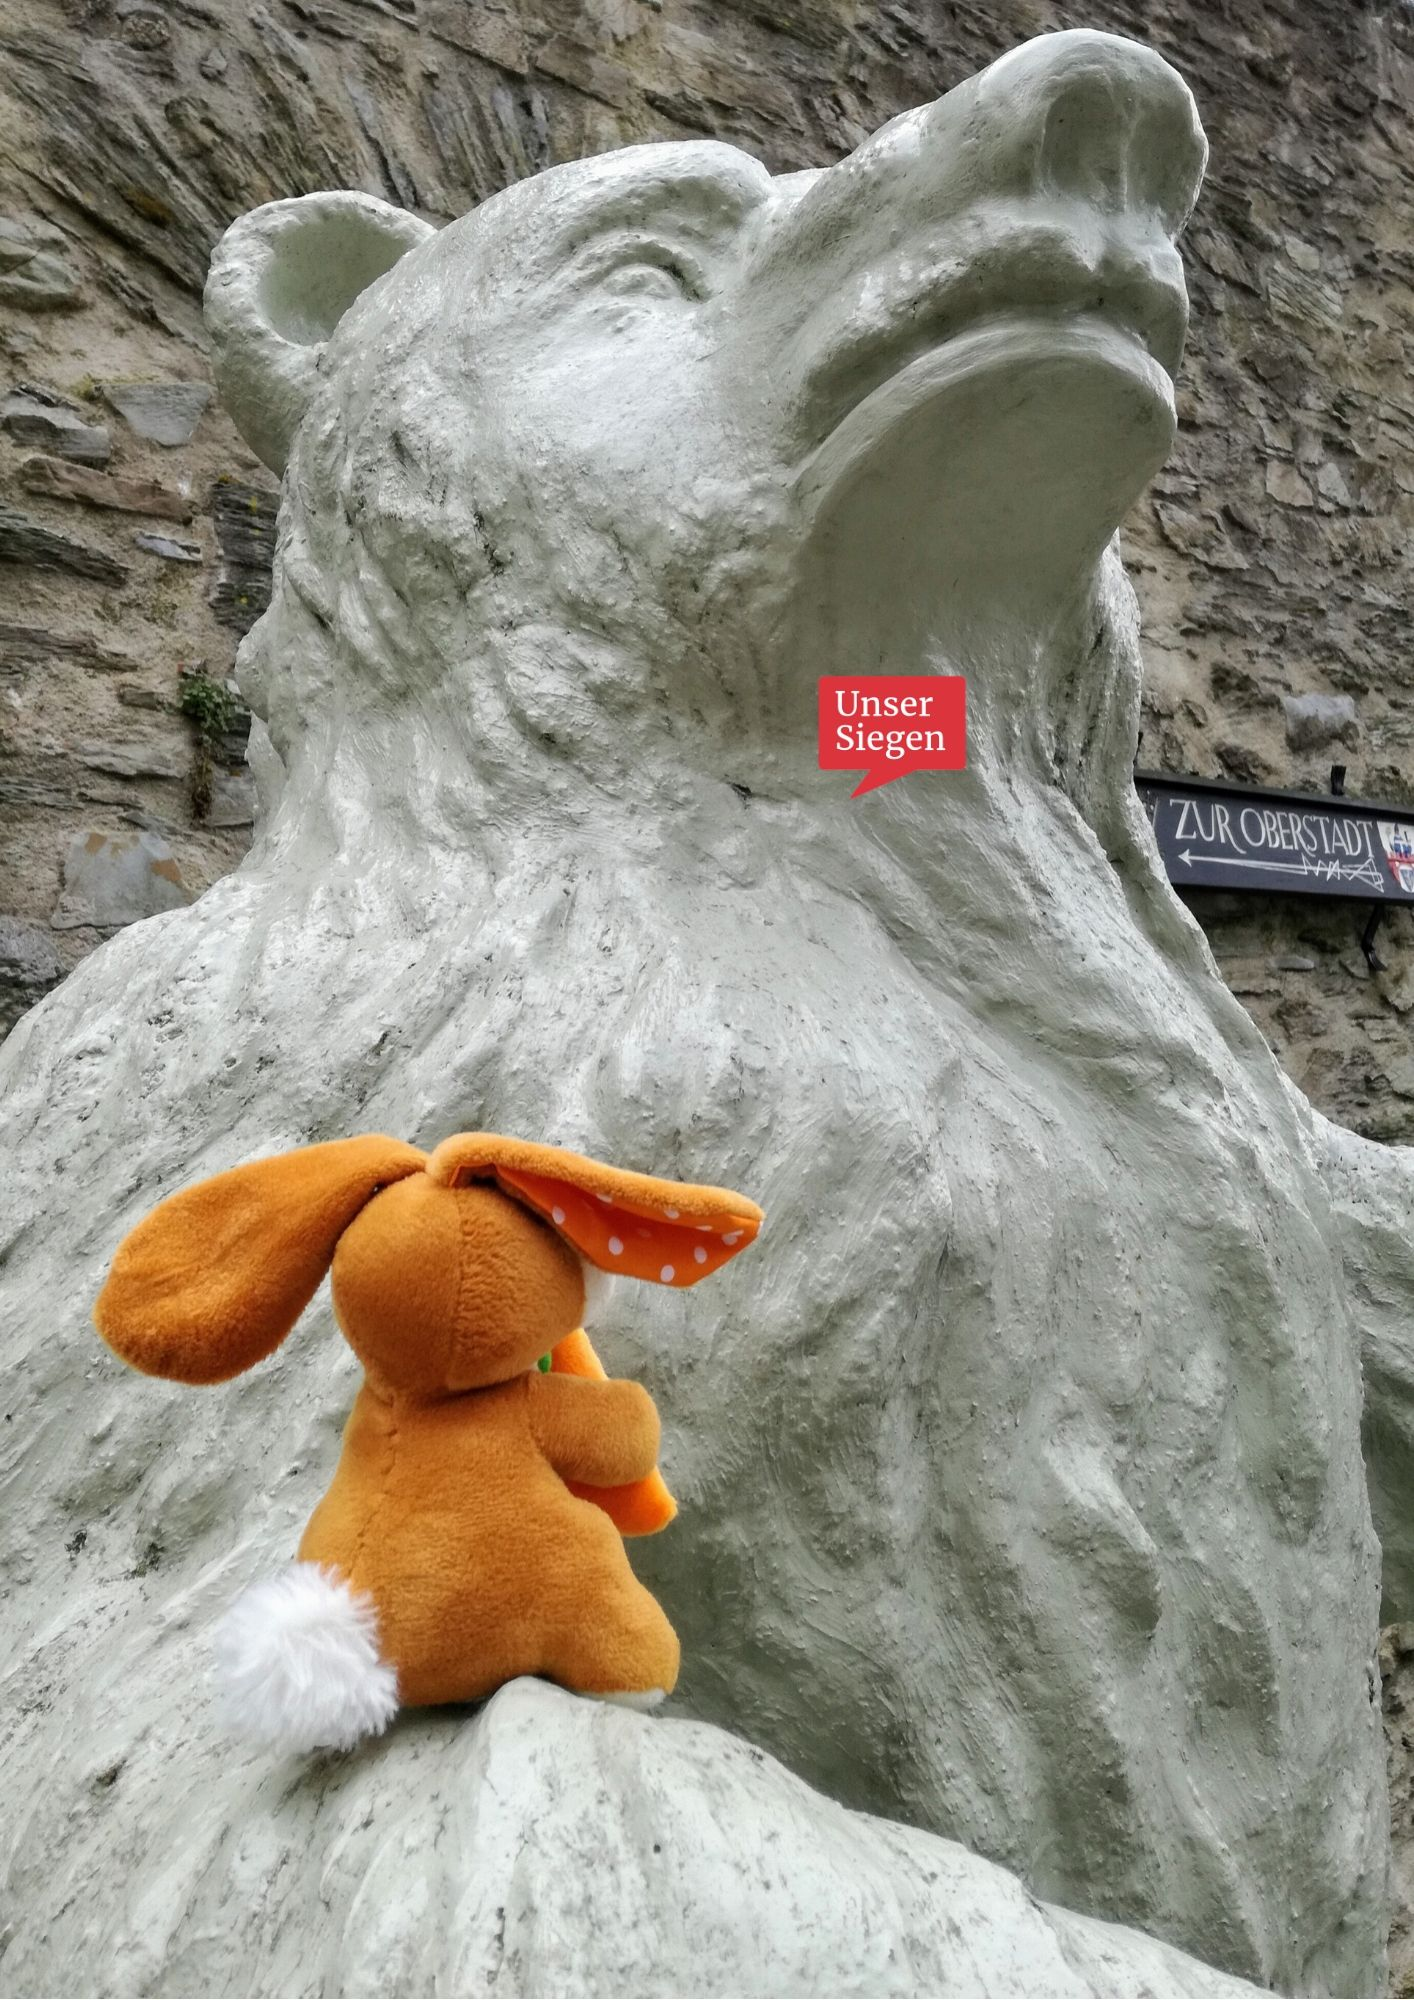 Der vergessliche Plüschhase sitzt auf dem Arm des Berliner Bären am Kölner Tor am Fuße der Oberstadt in Siegen. Foto mit freundlicher Genehmigung von Sarah Wagener